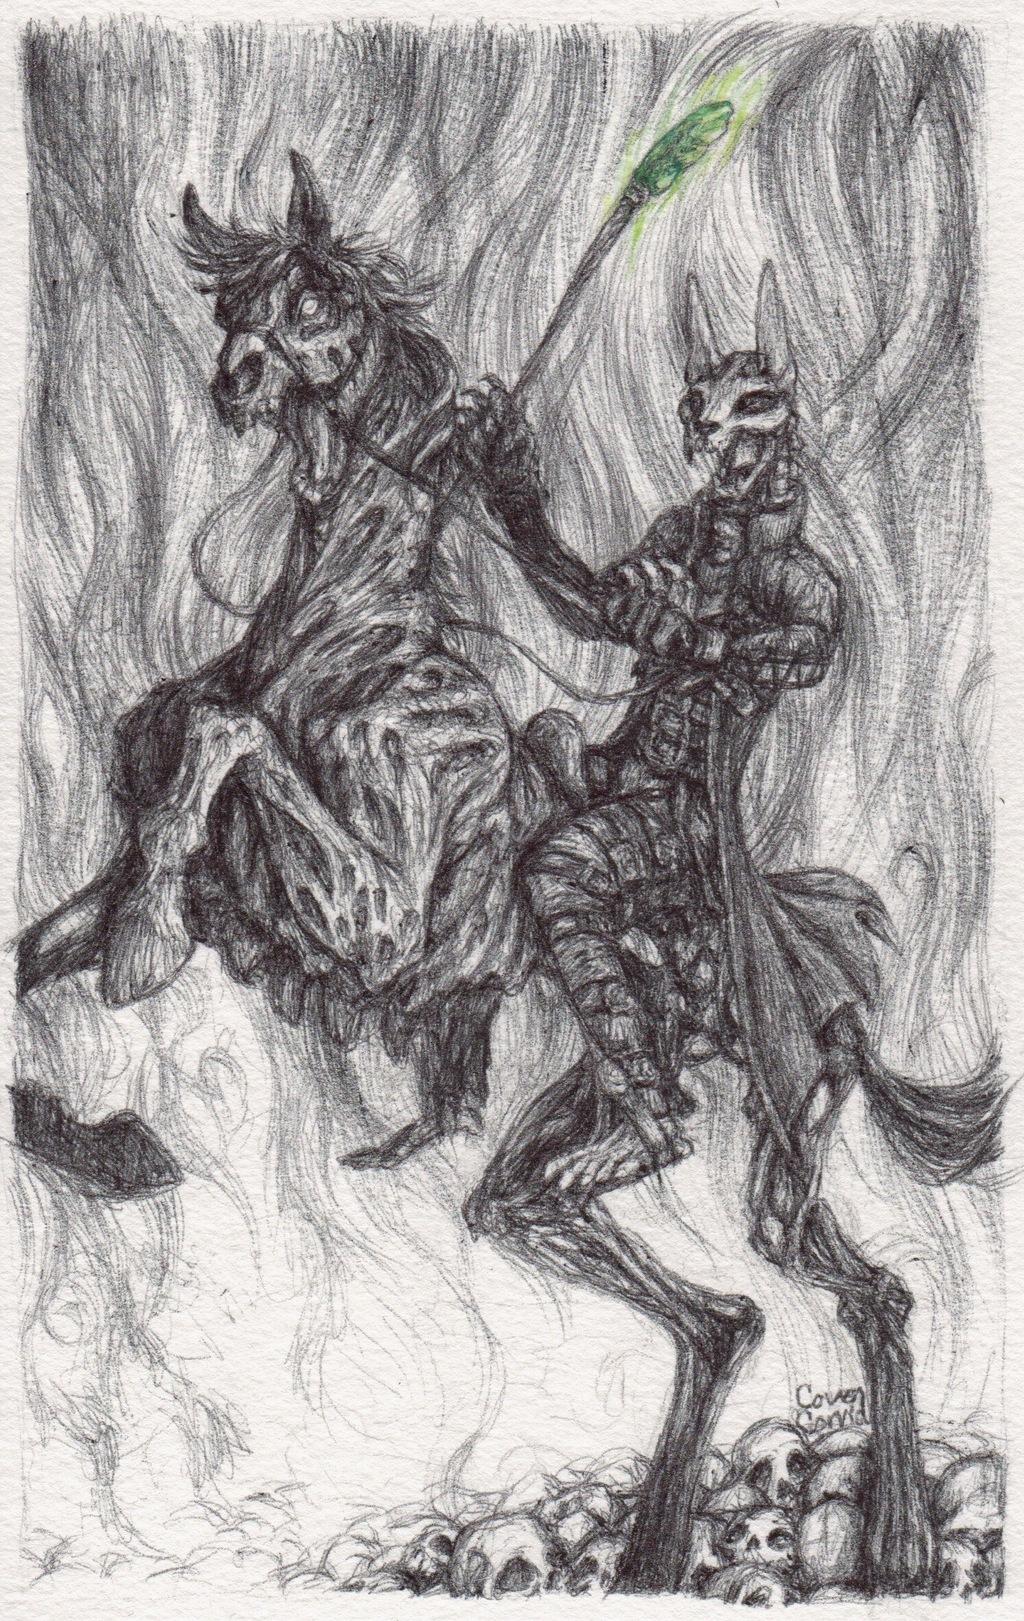 Skulluck Zombie Rider